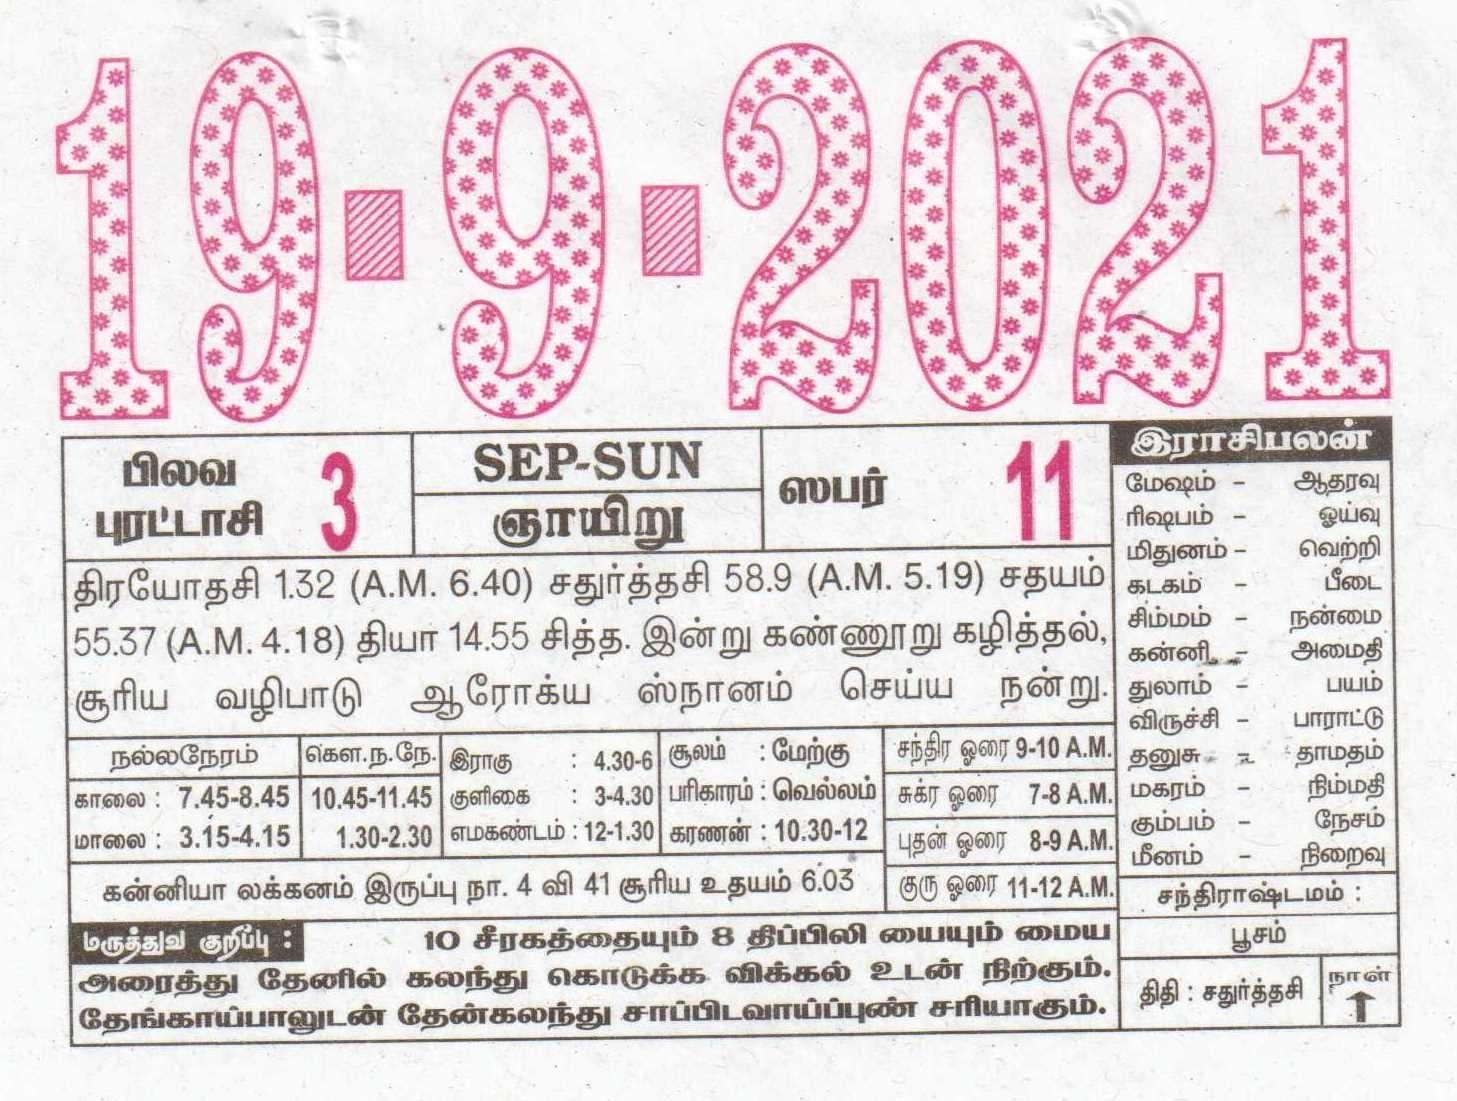 19-09-2021 Daily Calendar | Date 19 , January Daily Tear Off Calendar | Daily Panchangam Rasi Palan Tamil Monthly Calendar 2021 October